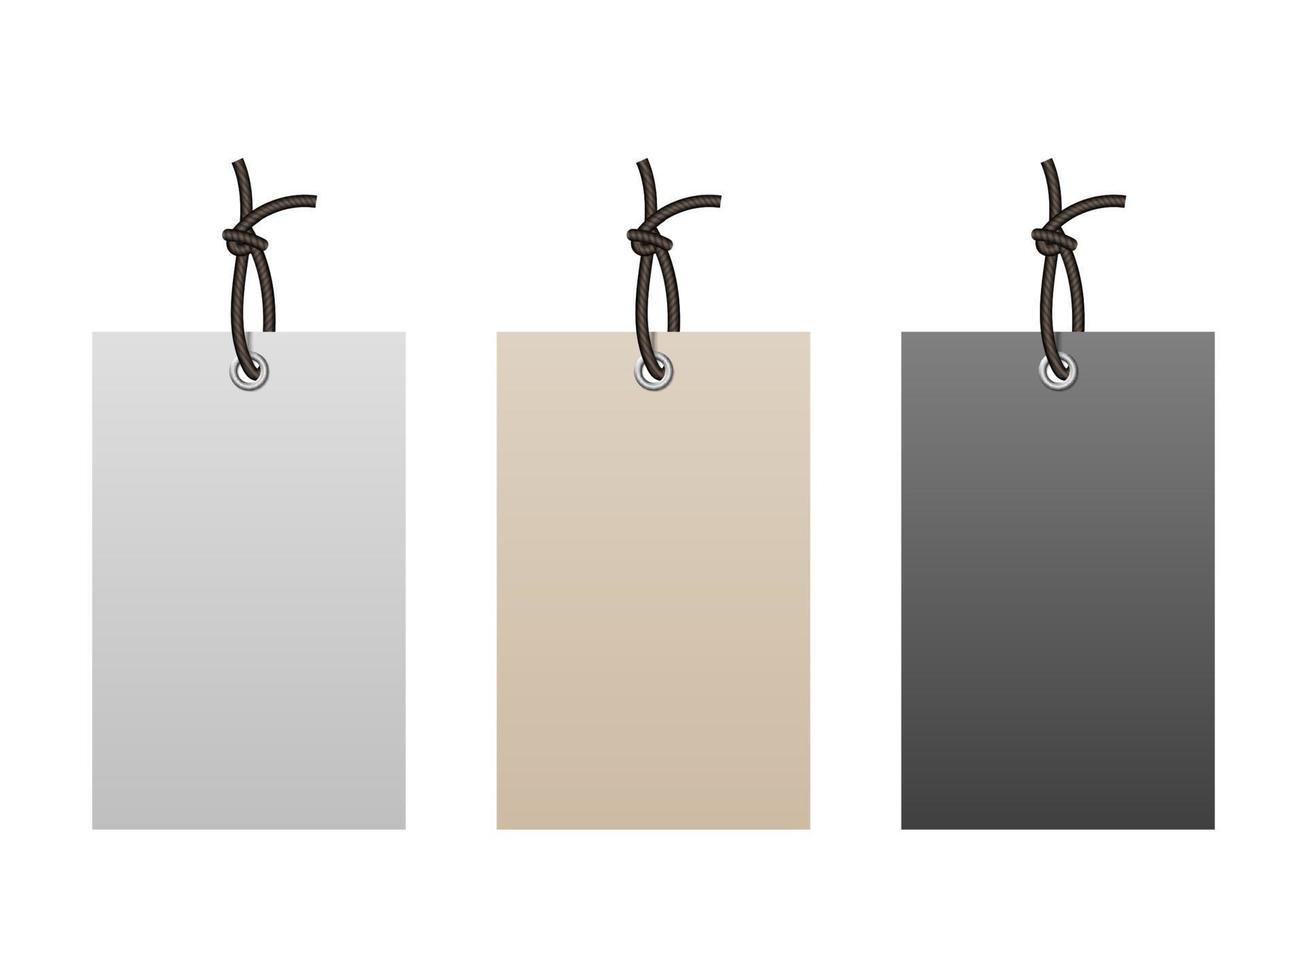 étiquettes de papier vides réalistes avec chaîne isolé sur fond blanc, illustration vectorielle vecteur